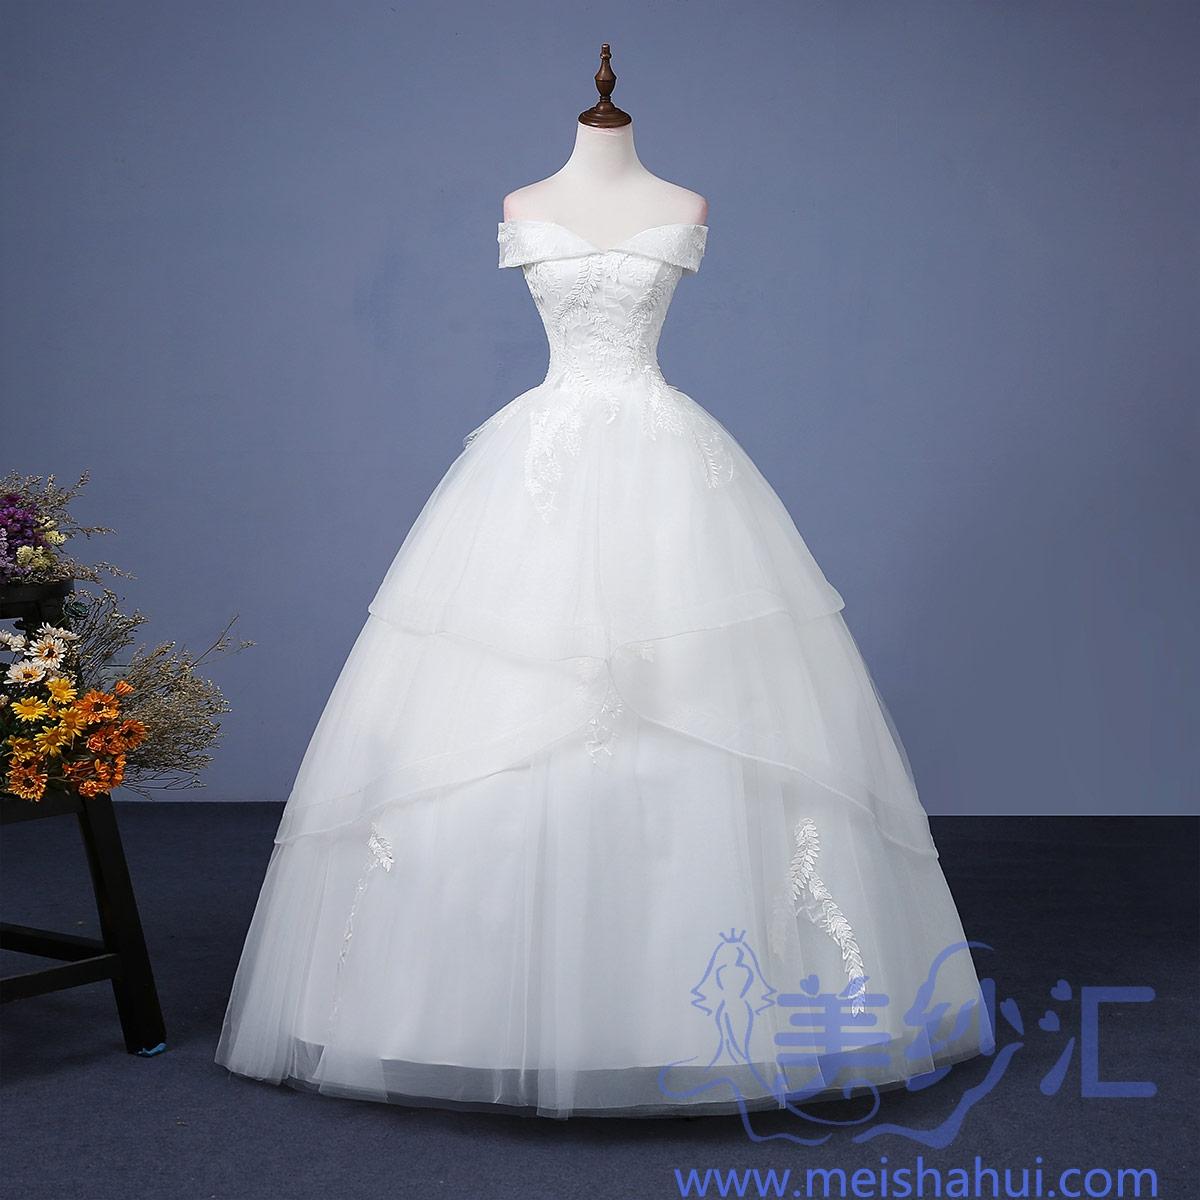 米白色一字肩精美花纹新款新娘结婚嫁衣齐地婚纱101101C-161 如图 均码